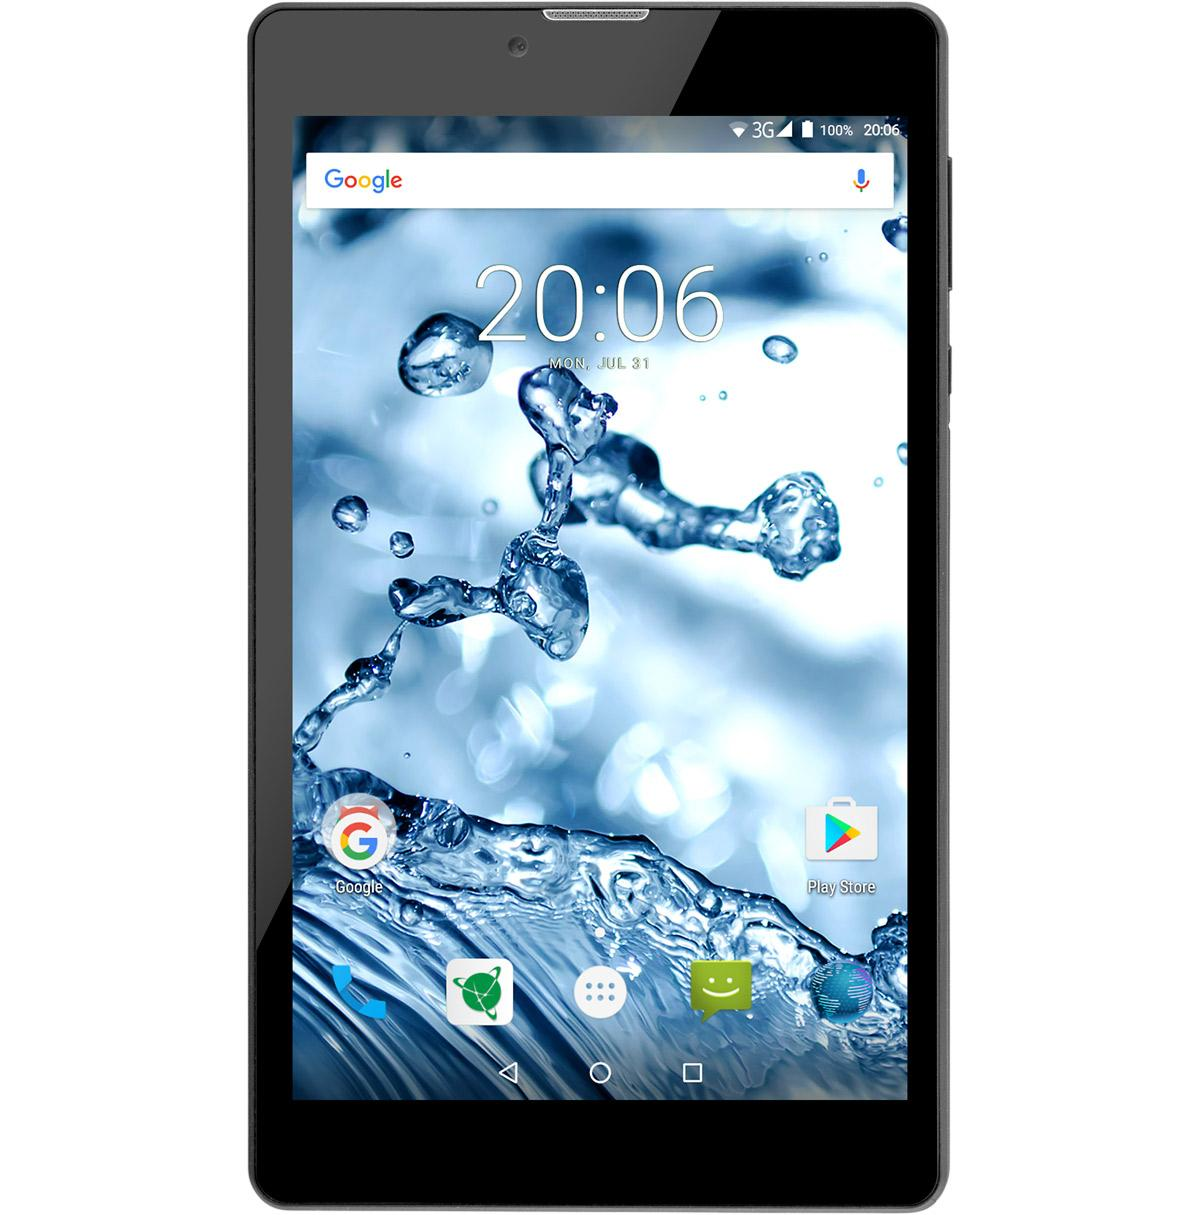 NAVT5003G NAVITEL Bluetooth: Ano, Android 7.0, 2G/3G Navigační systém NAVT5003G kupte si levně